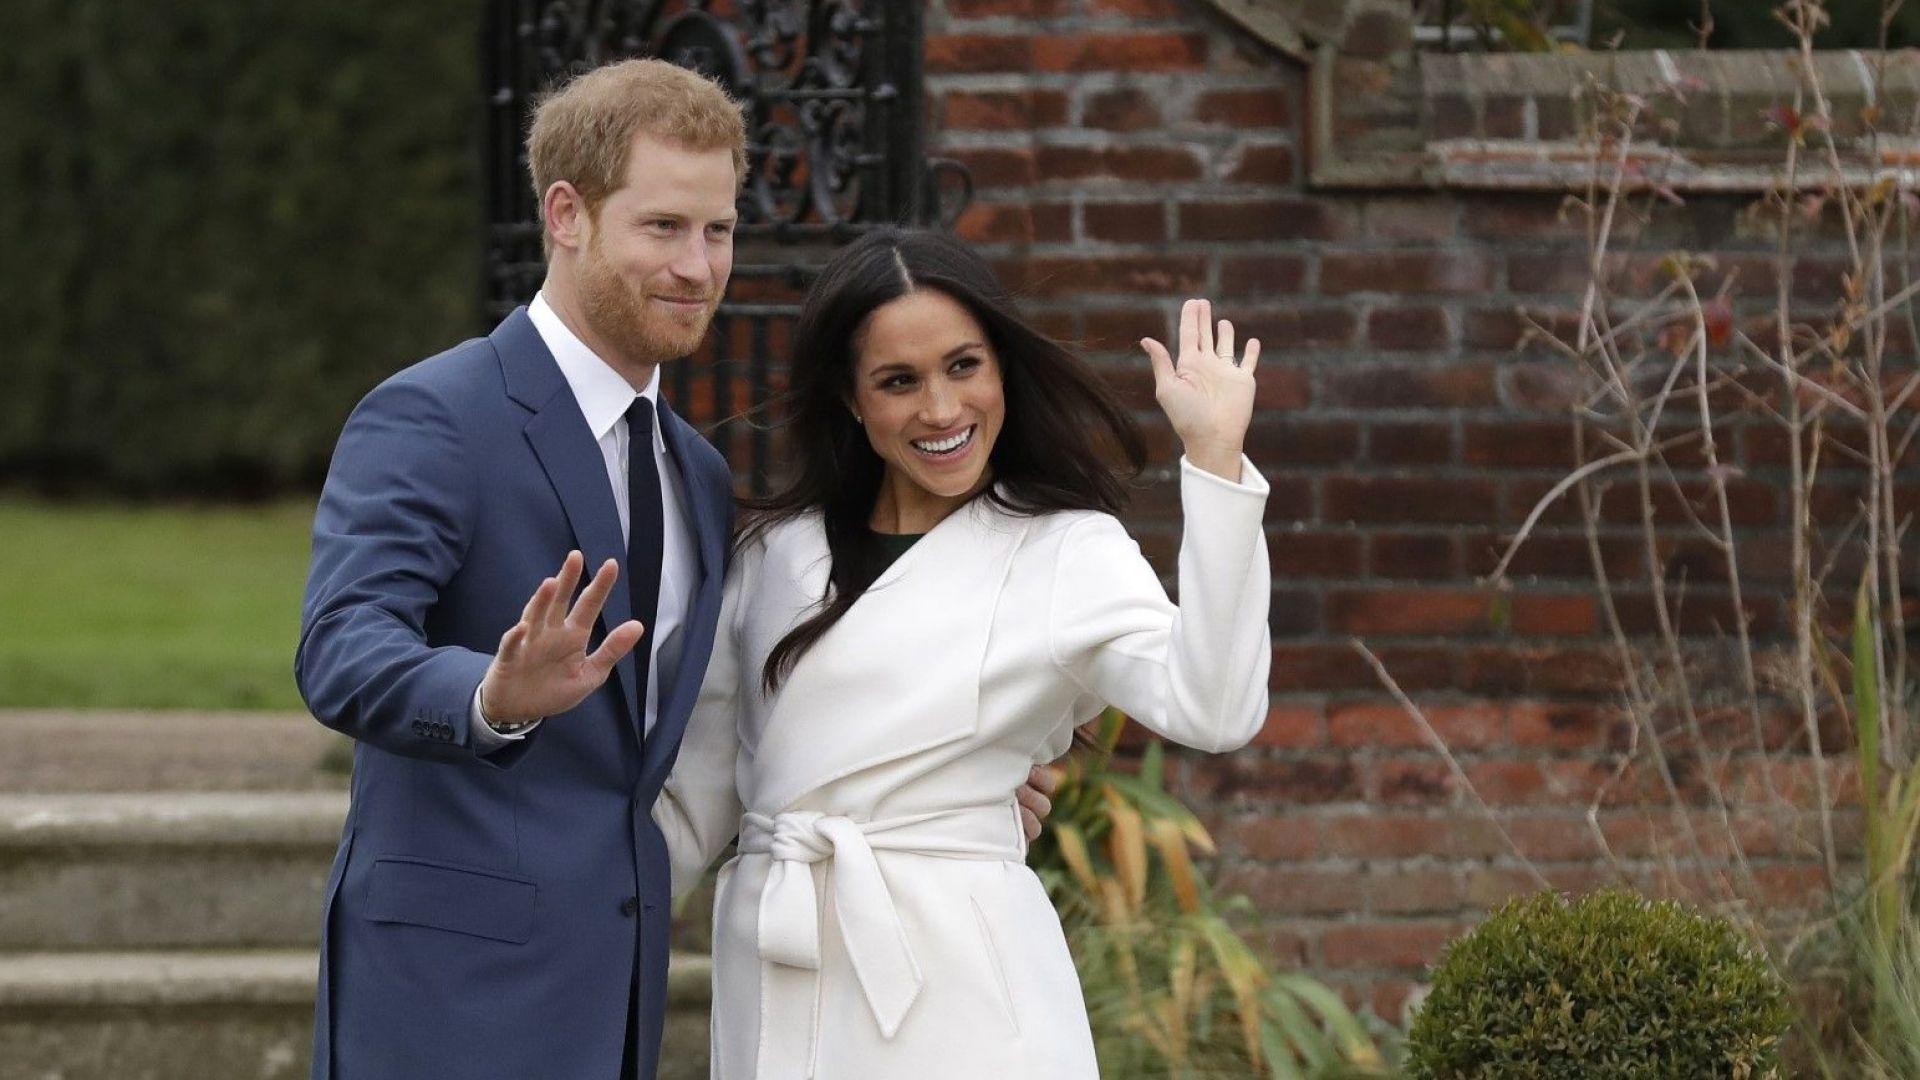 Меган Маркъл роди момиче, което с принц Хари нарекоха Лилибет Даяна